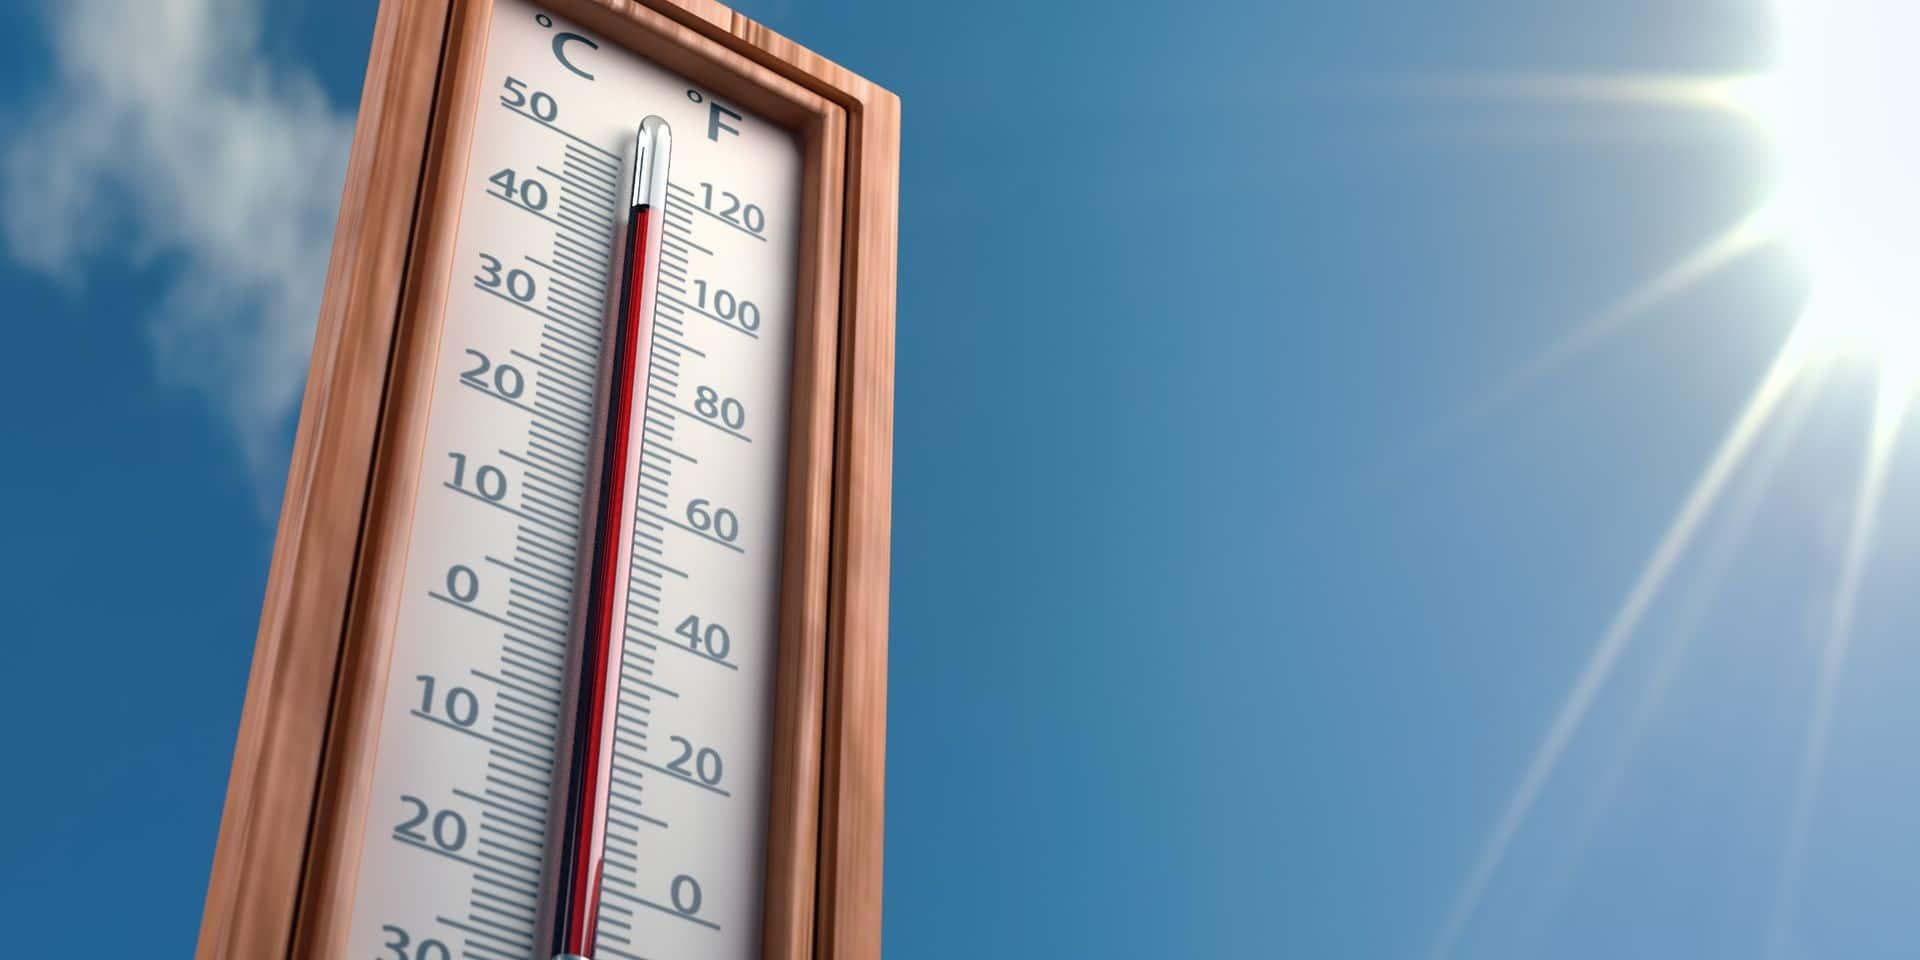 Le record mondial de température terrestre battu: 80,8°C ont été enregistrés!